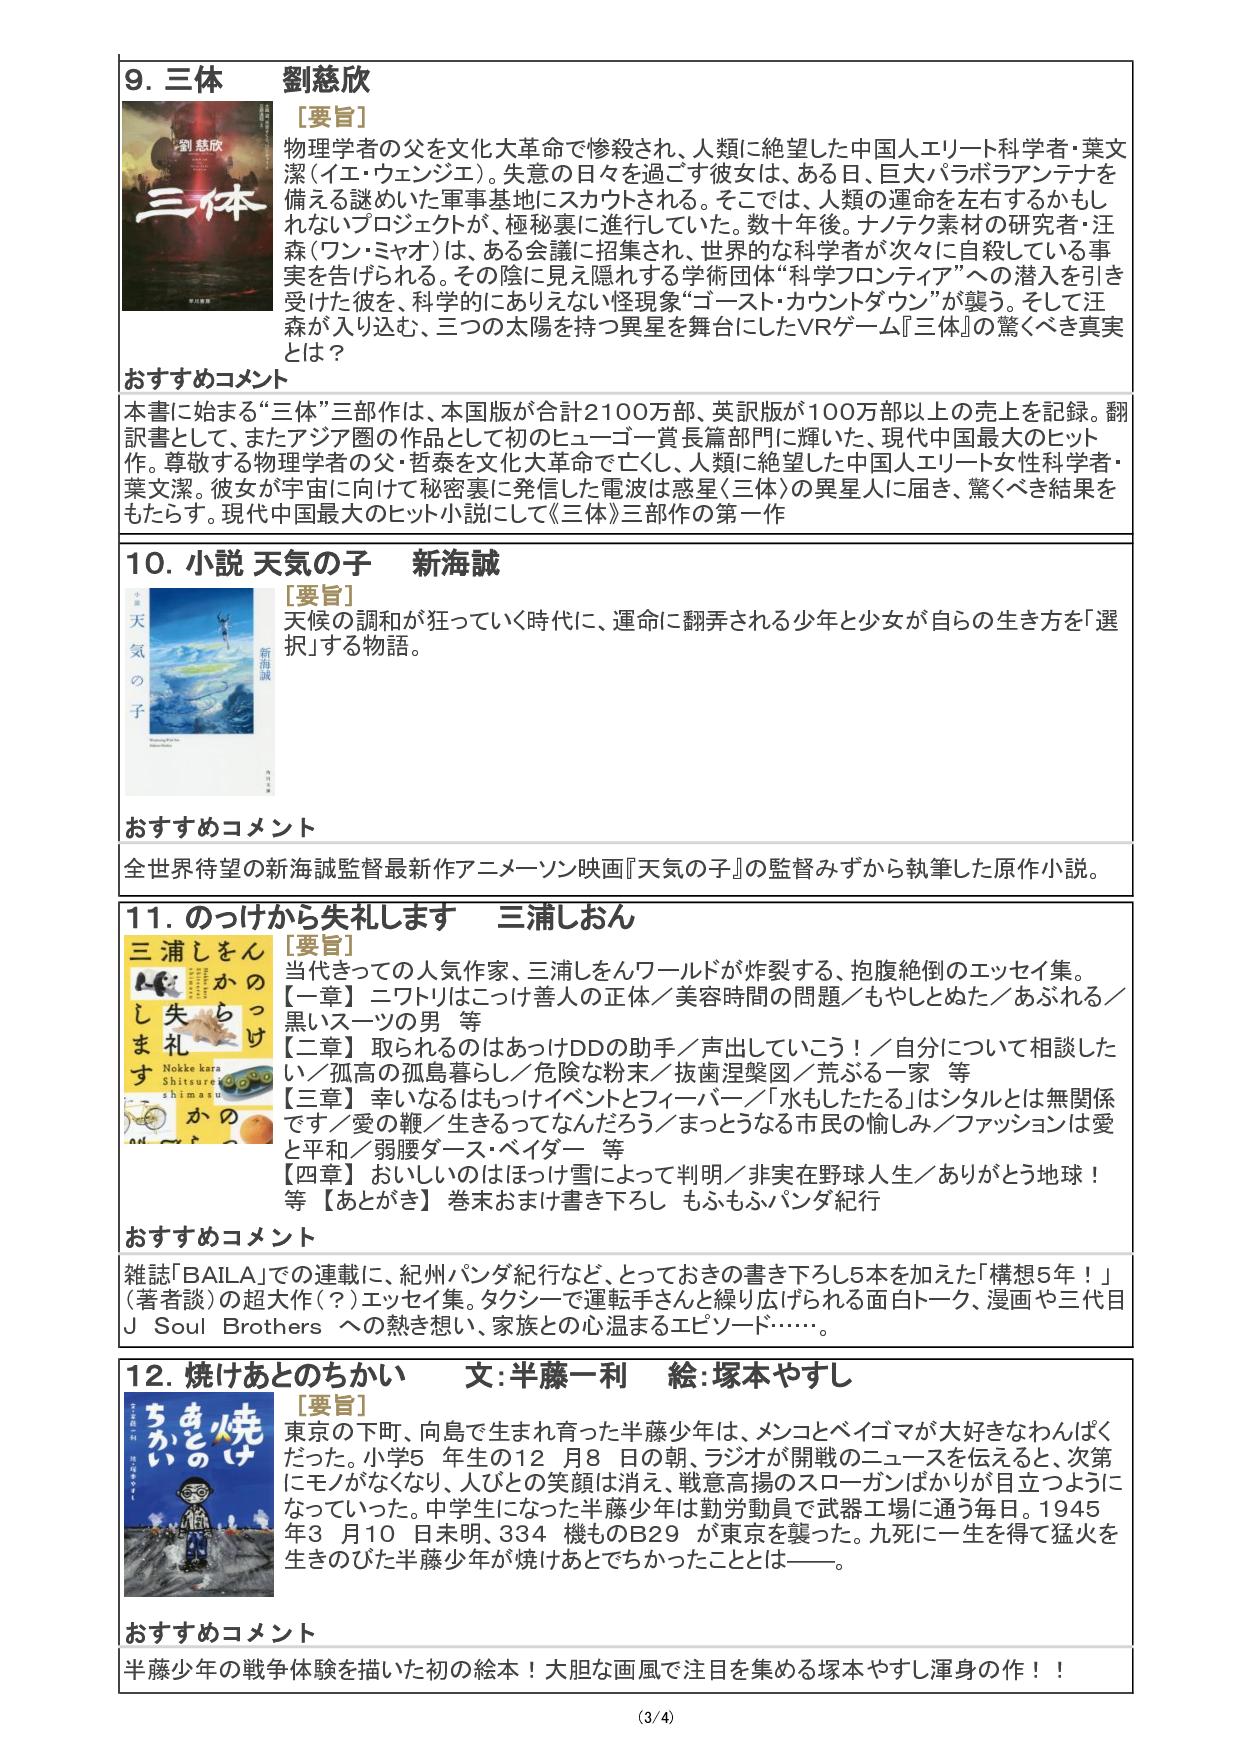 配架本紹介2019年9月分_p003